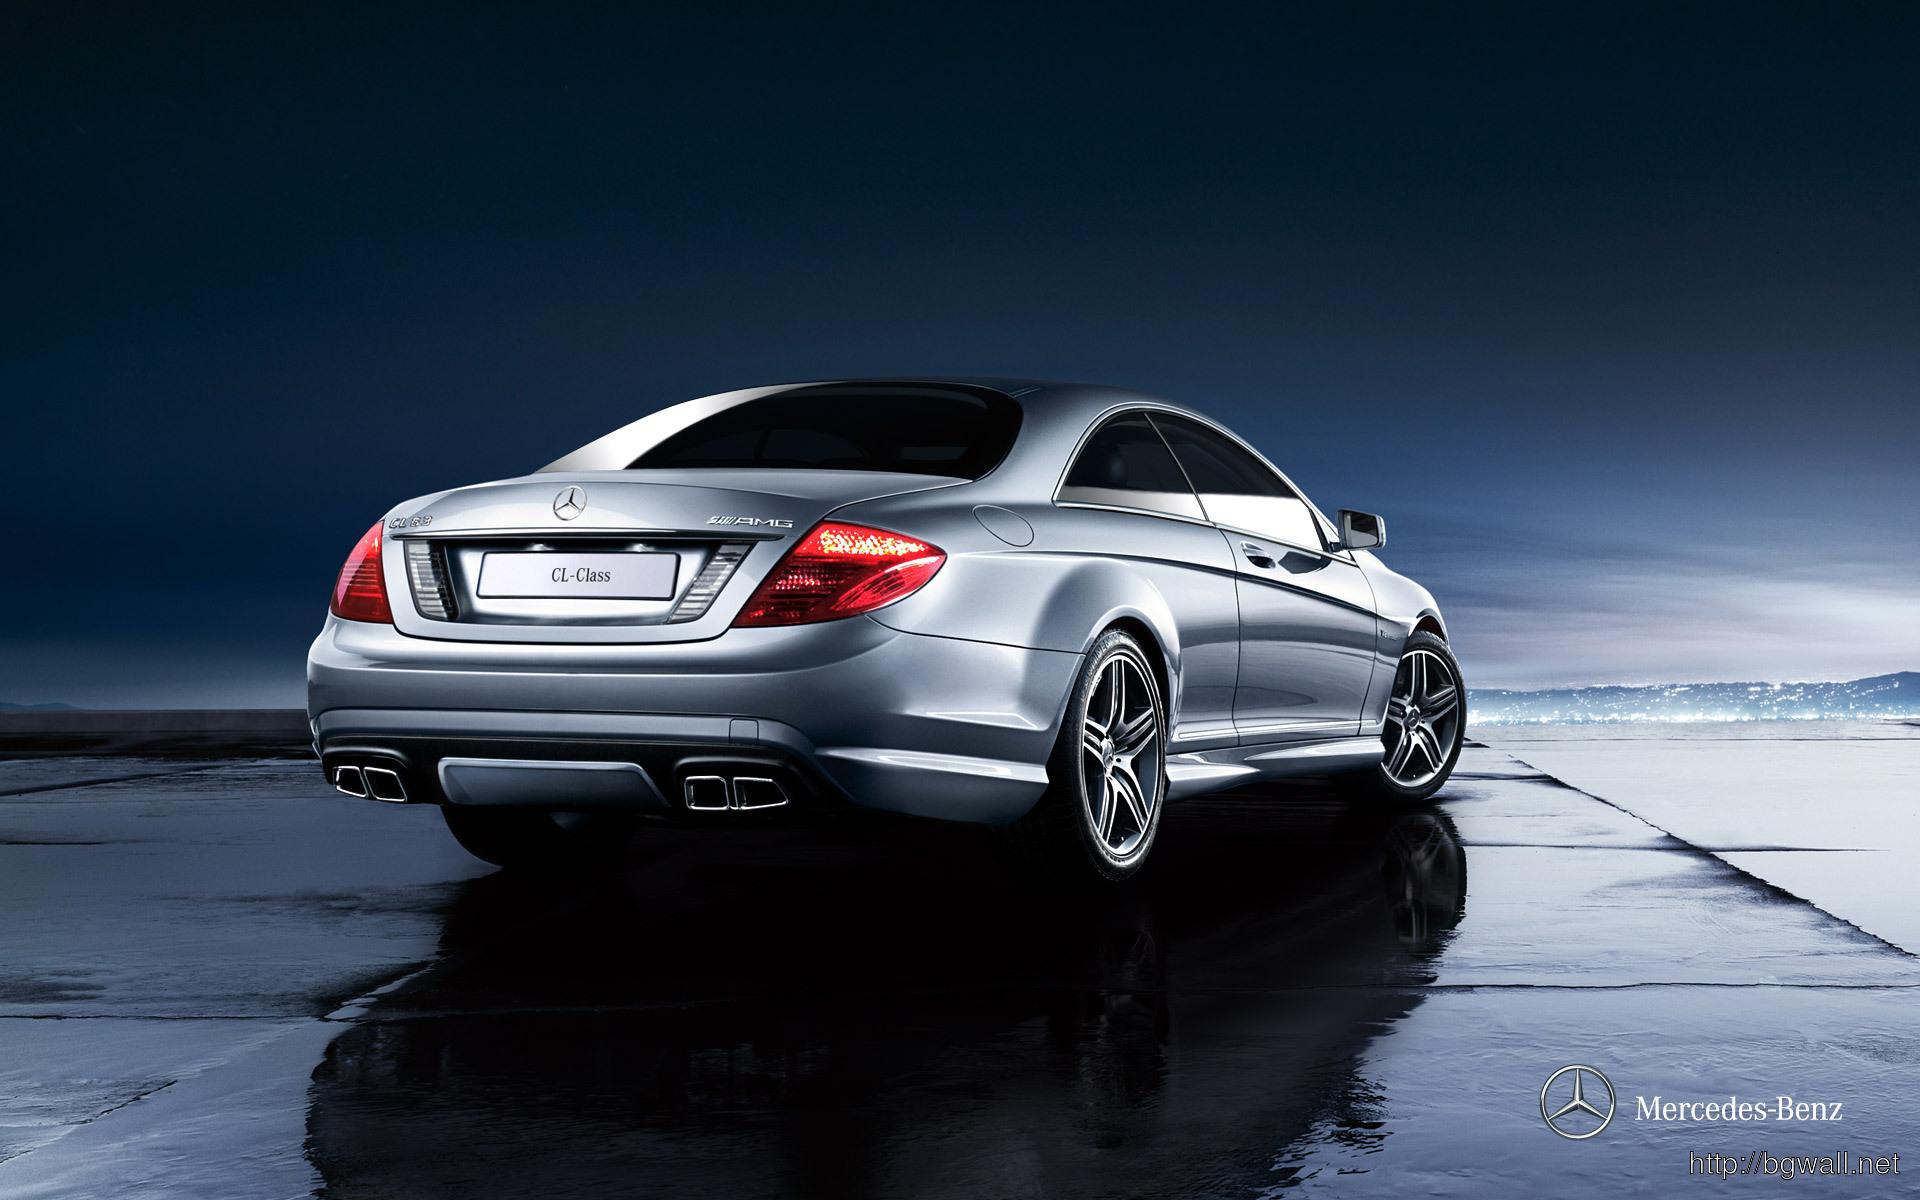 2013 Mercedes Benz Cl 600 Wallpaper 1024x640 2013 Mercedes Benz Cl 600 Full Size